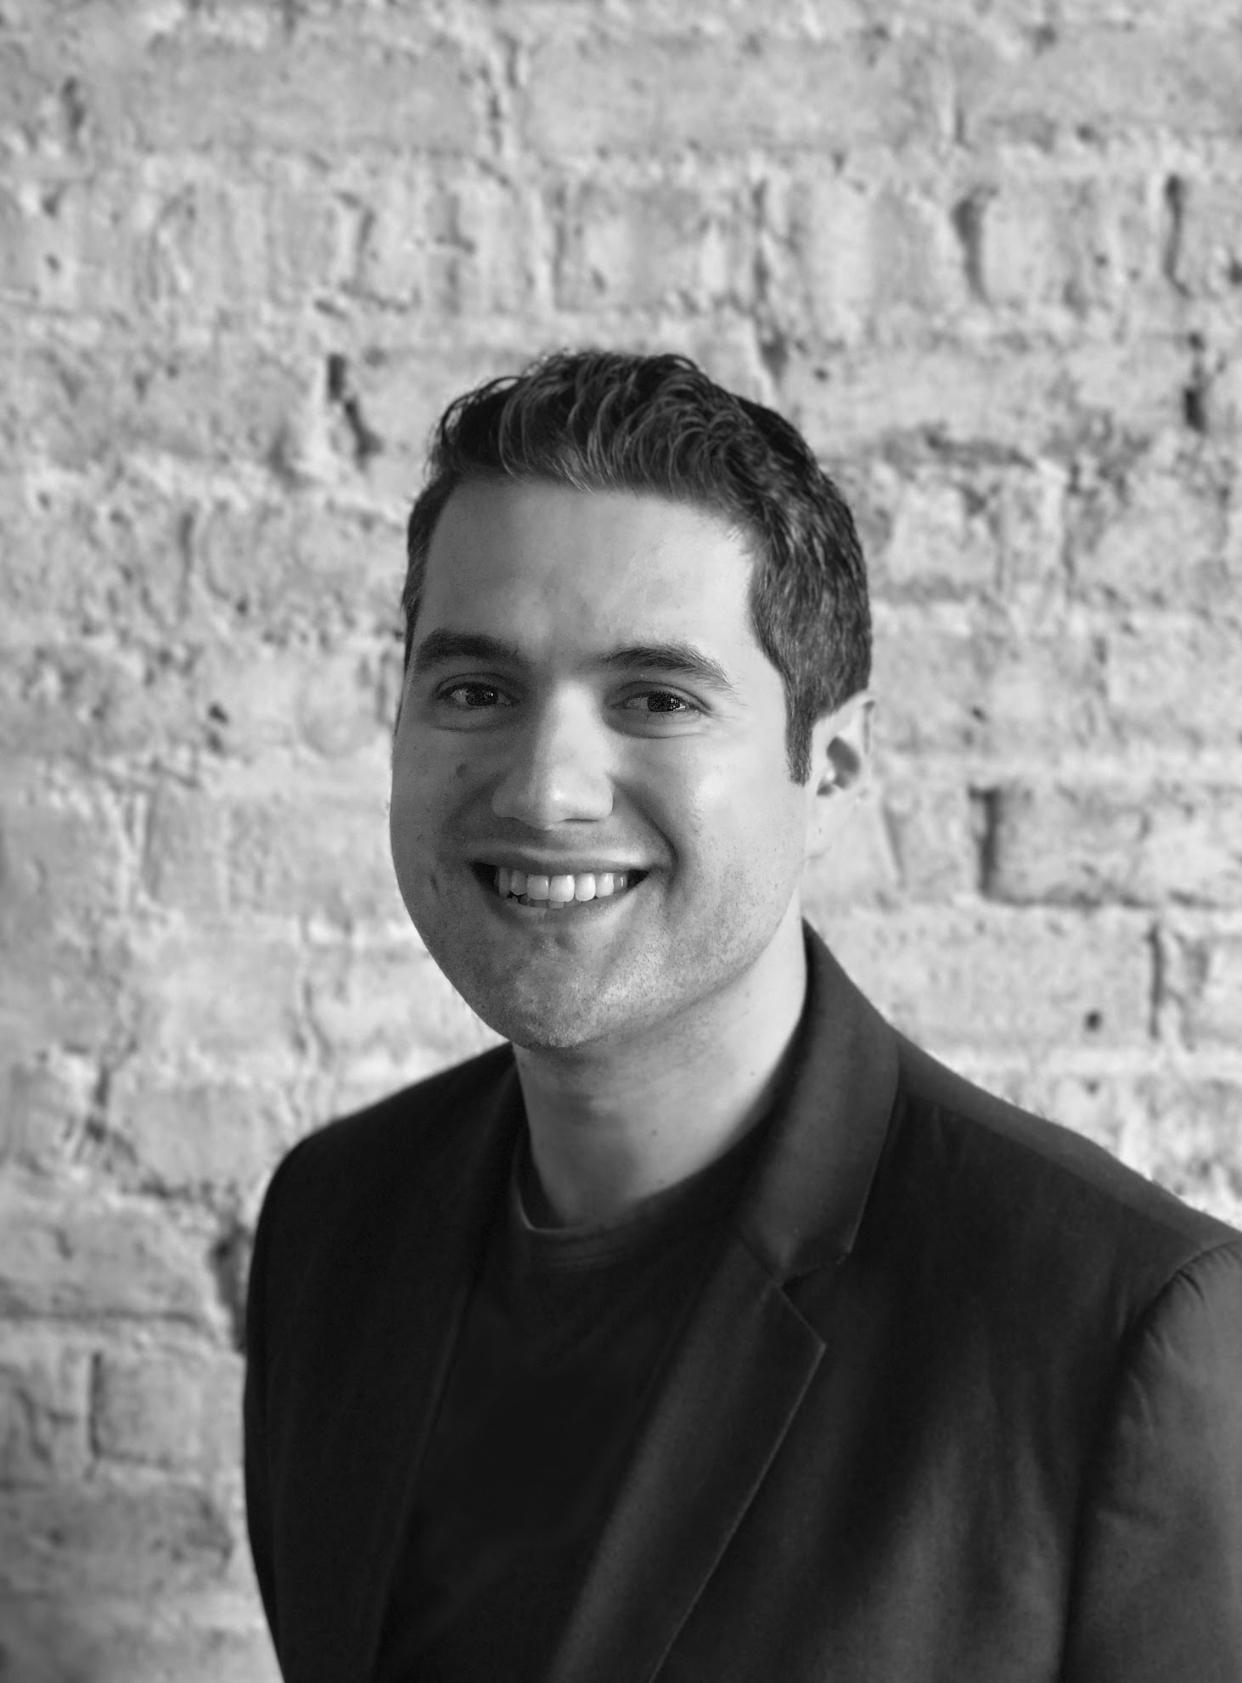 ProGlove ernennt Ilhan Kolko zum Chief Product Officer und Konstantin Brunnbauer zum Vice President Production & Hardware Engineering